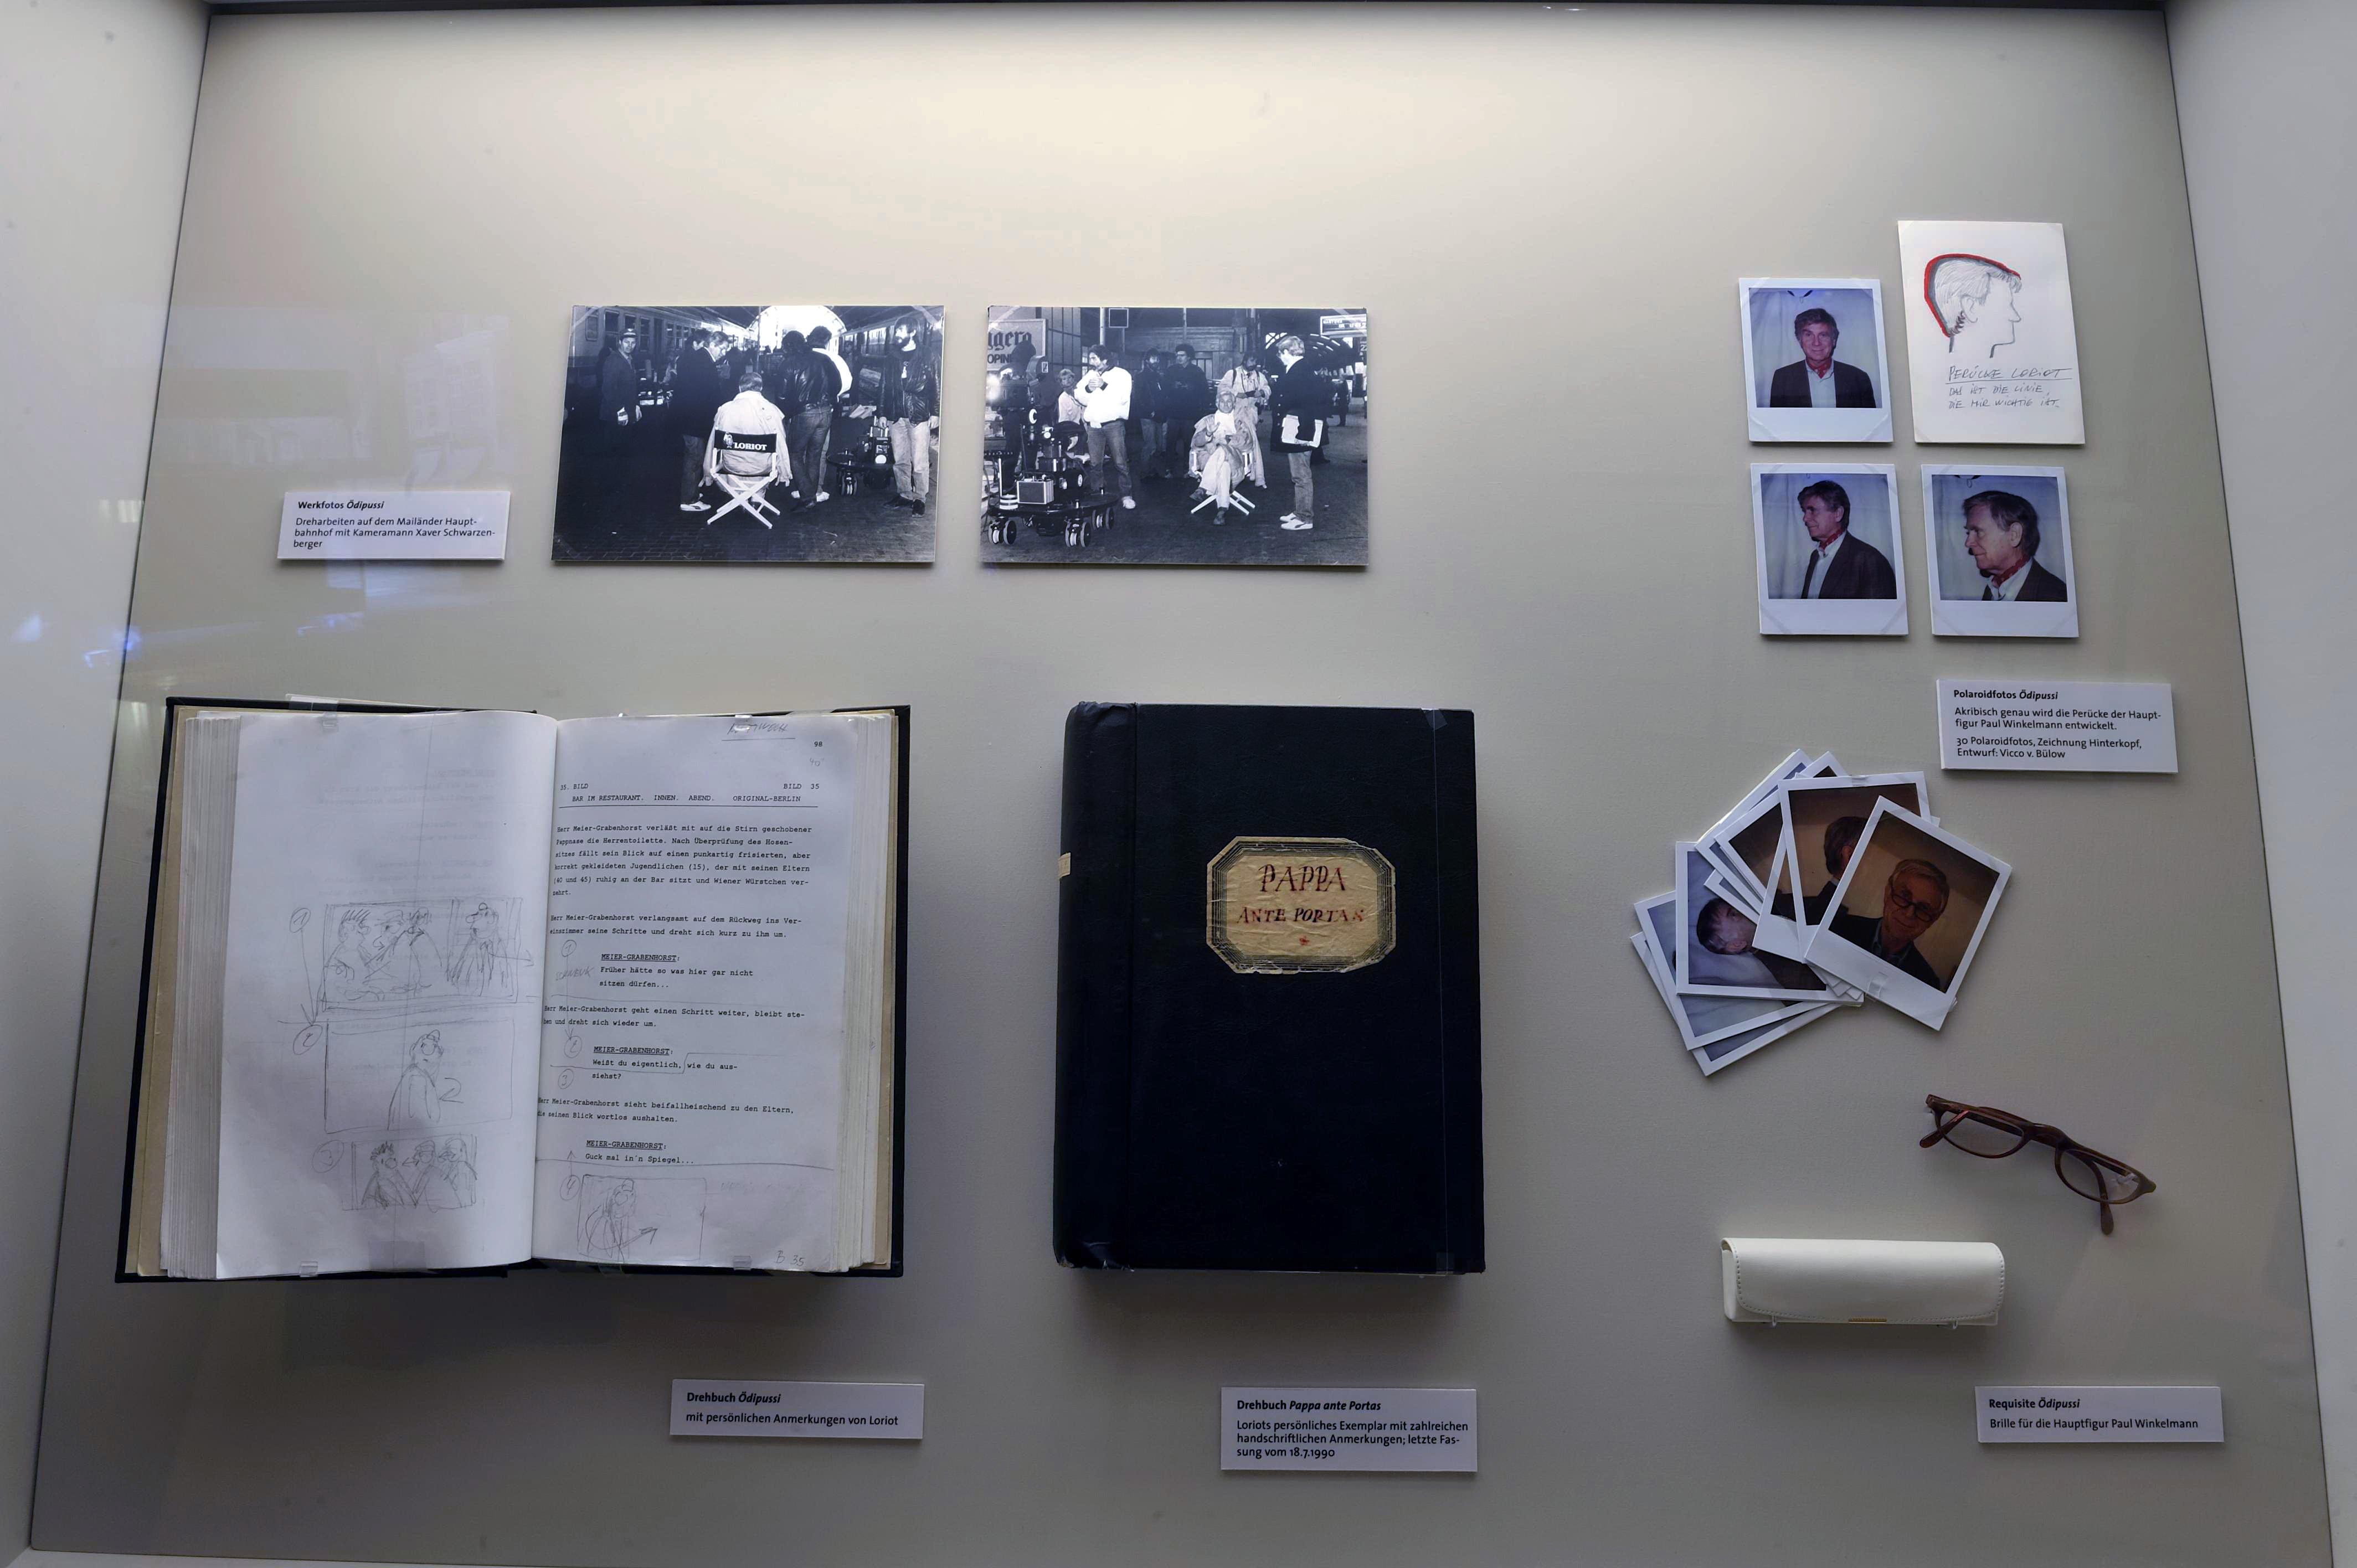 """Detailansicht der Ausstellung """"Loriot – Vicco von Bülow zum 85. Geburtstag """", Deutsche Kinemathek, Berlin"""